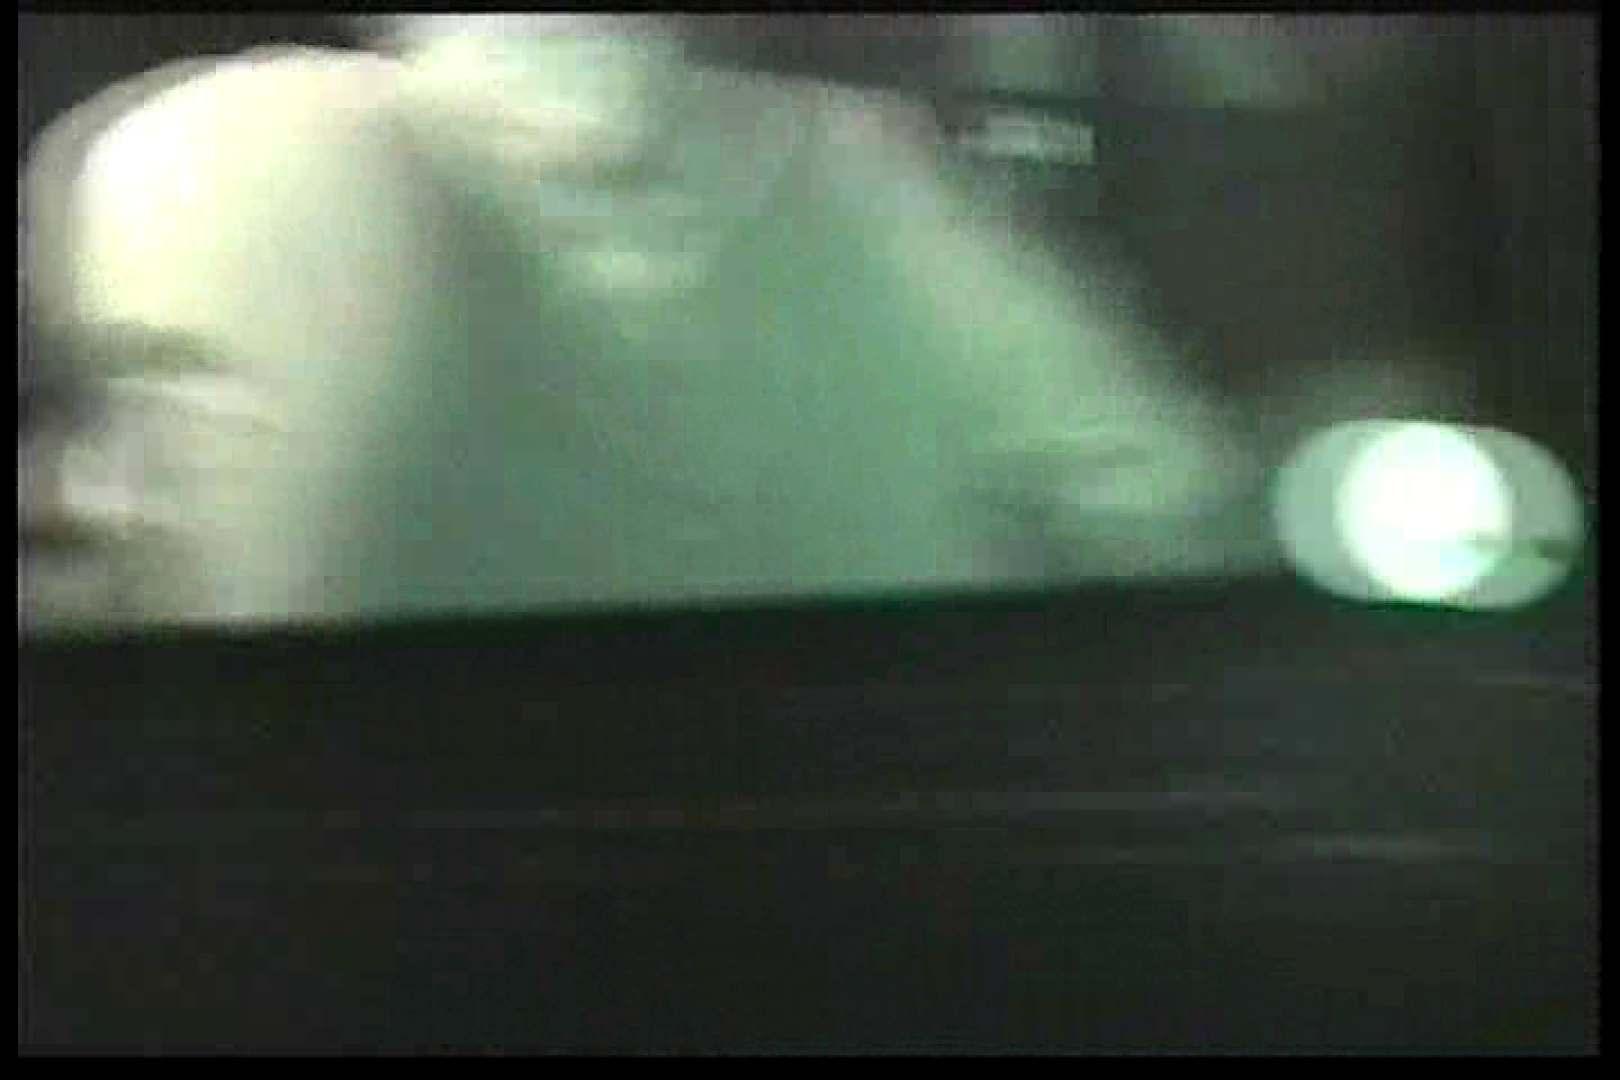 カーセックス未編集・無修正版 Vol.9後編 赤外線 盗み撮りAV無料動画キャプチャ 109画像 102